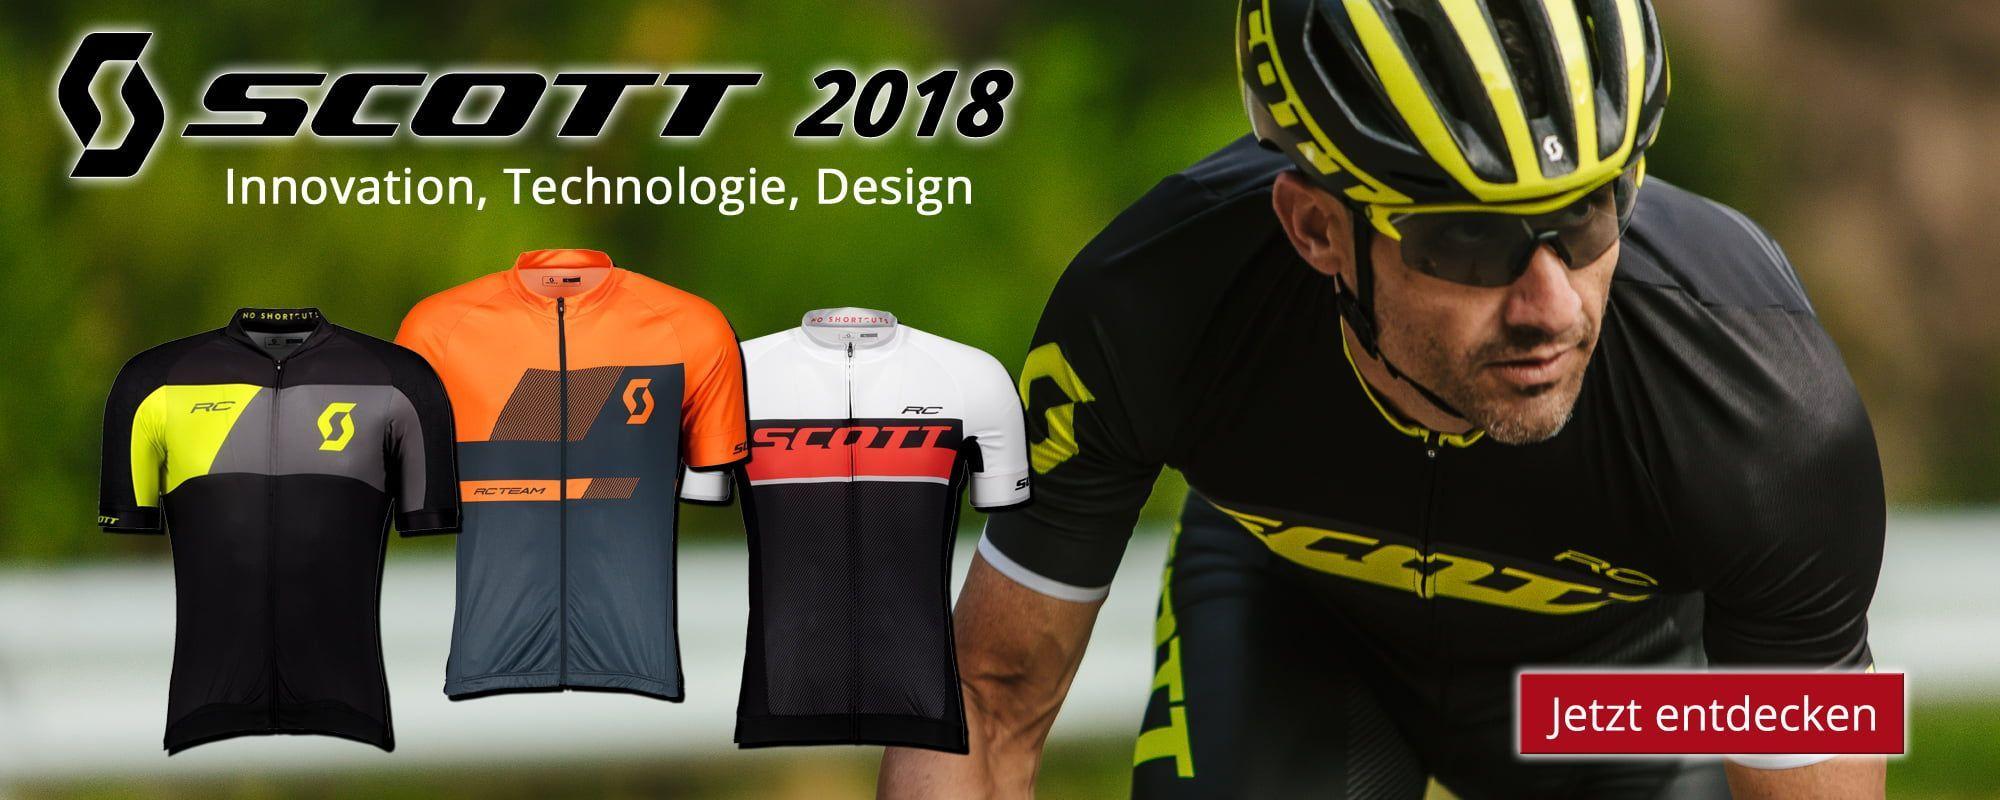 Scott 2018 - Innovation, Technologie, Design